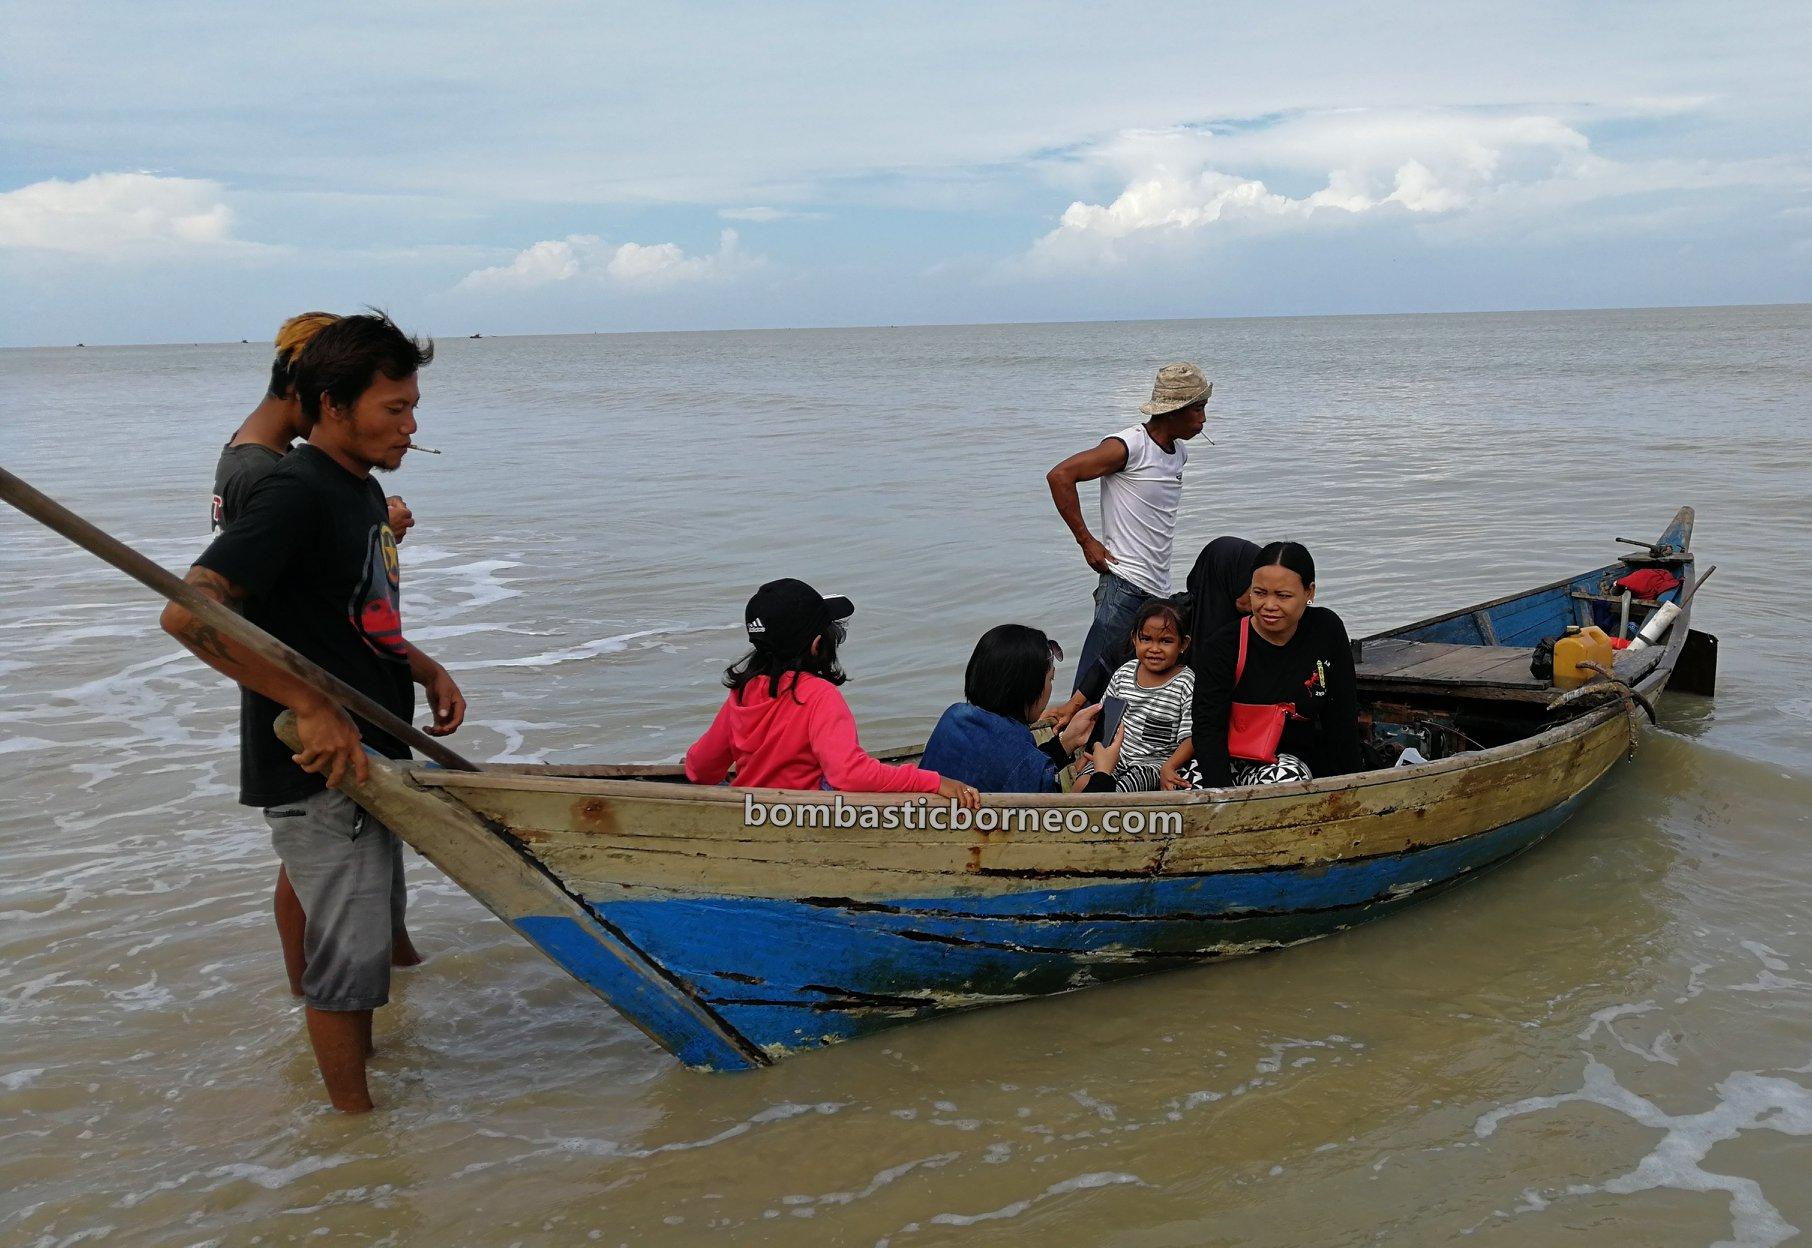 Pulau Belacan, Kerang, mussel, adventure, fishing, Kampung Nelayan Melayu, Sambas, Indonesia, Kalimantan Barat, Jawai Selatan, wisata alam, Tourism, travel guide, backpackers, Borneo,